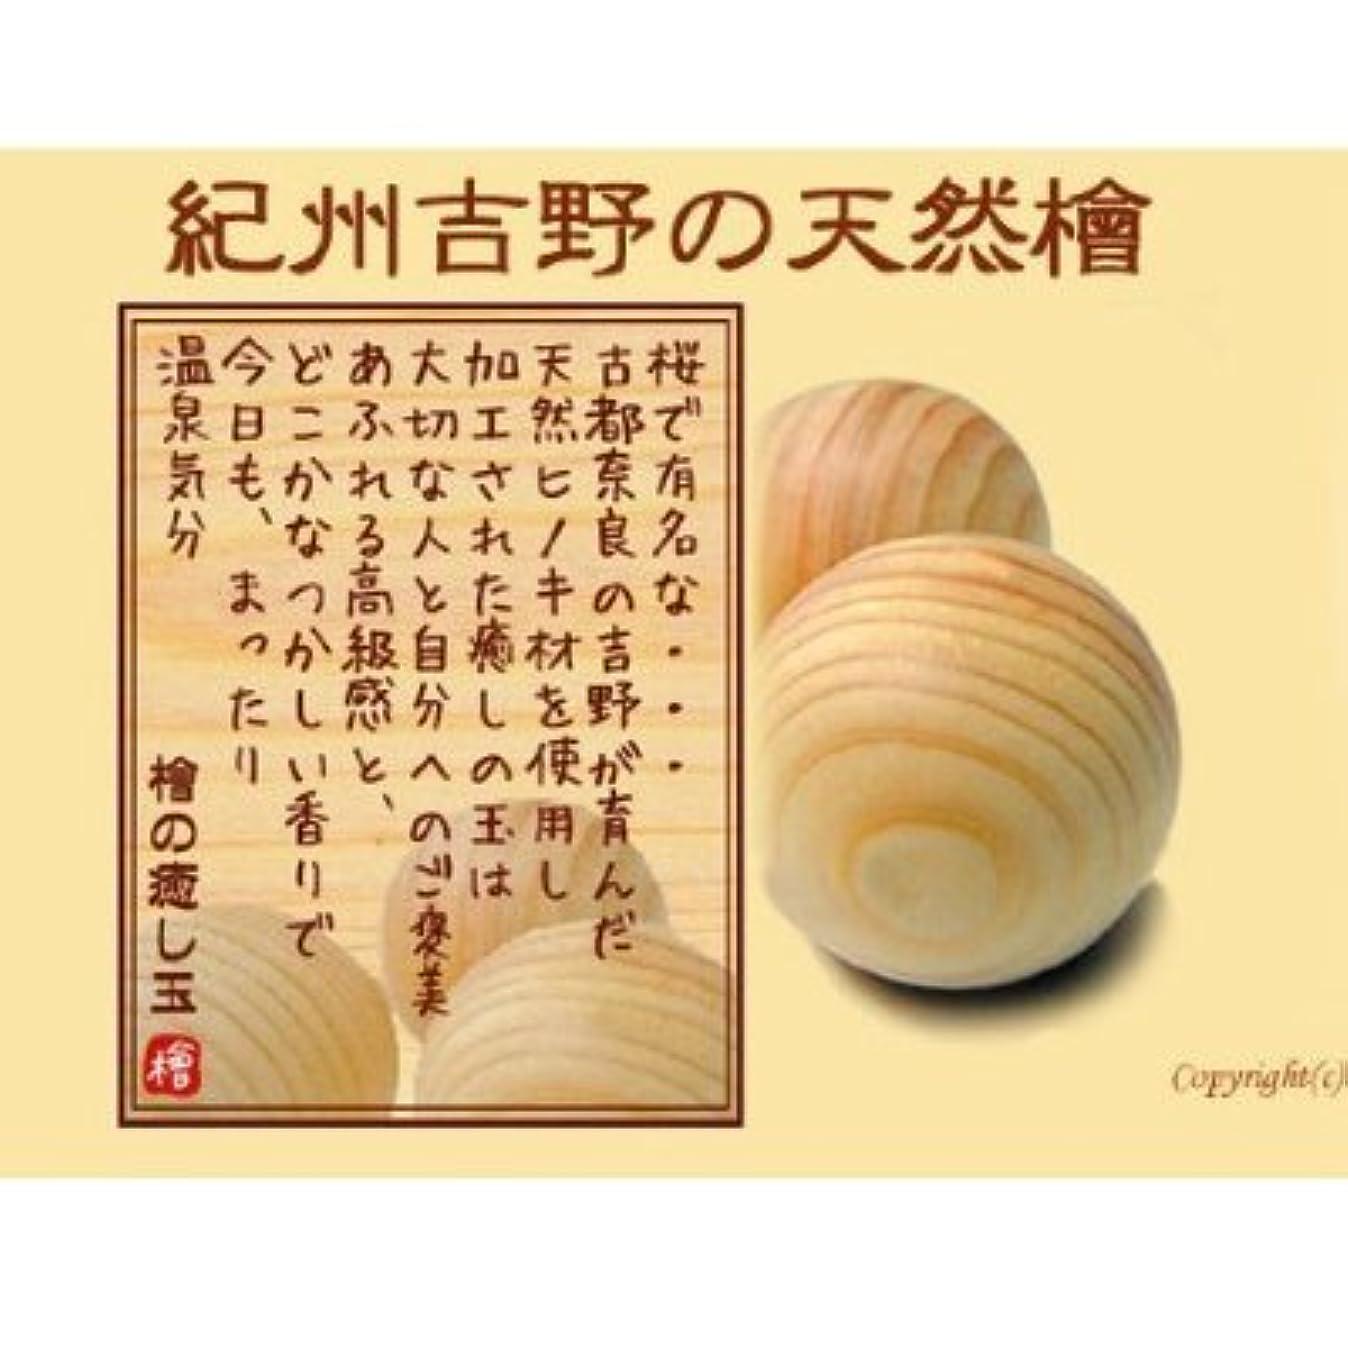 ポーン樹皮成功古都奈良の吉野が育んだ天然ヒノキ【檜の癒し玉10袋】入浴剤